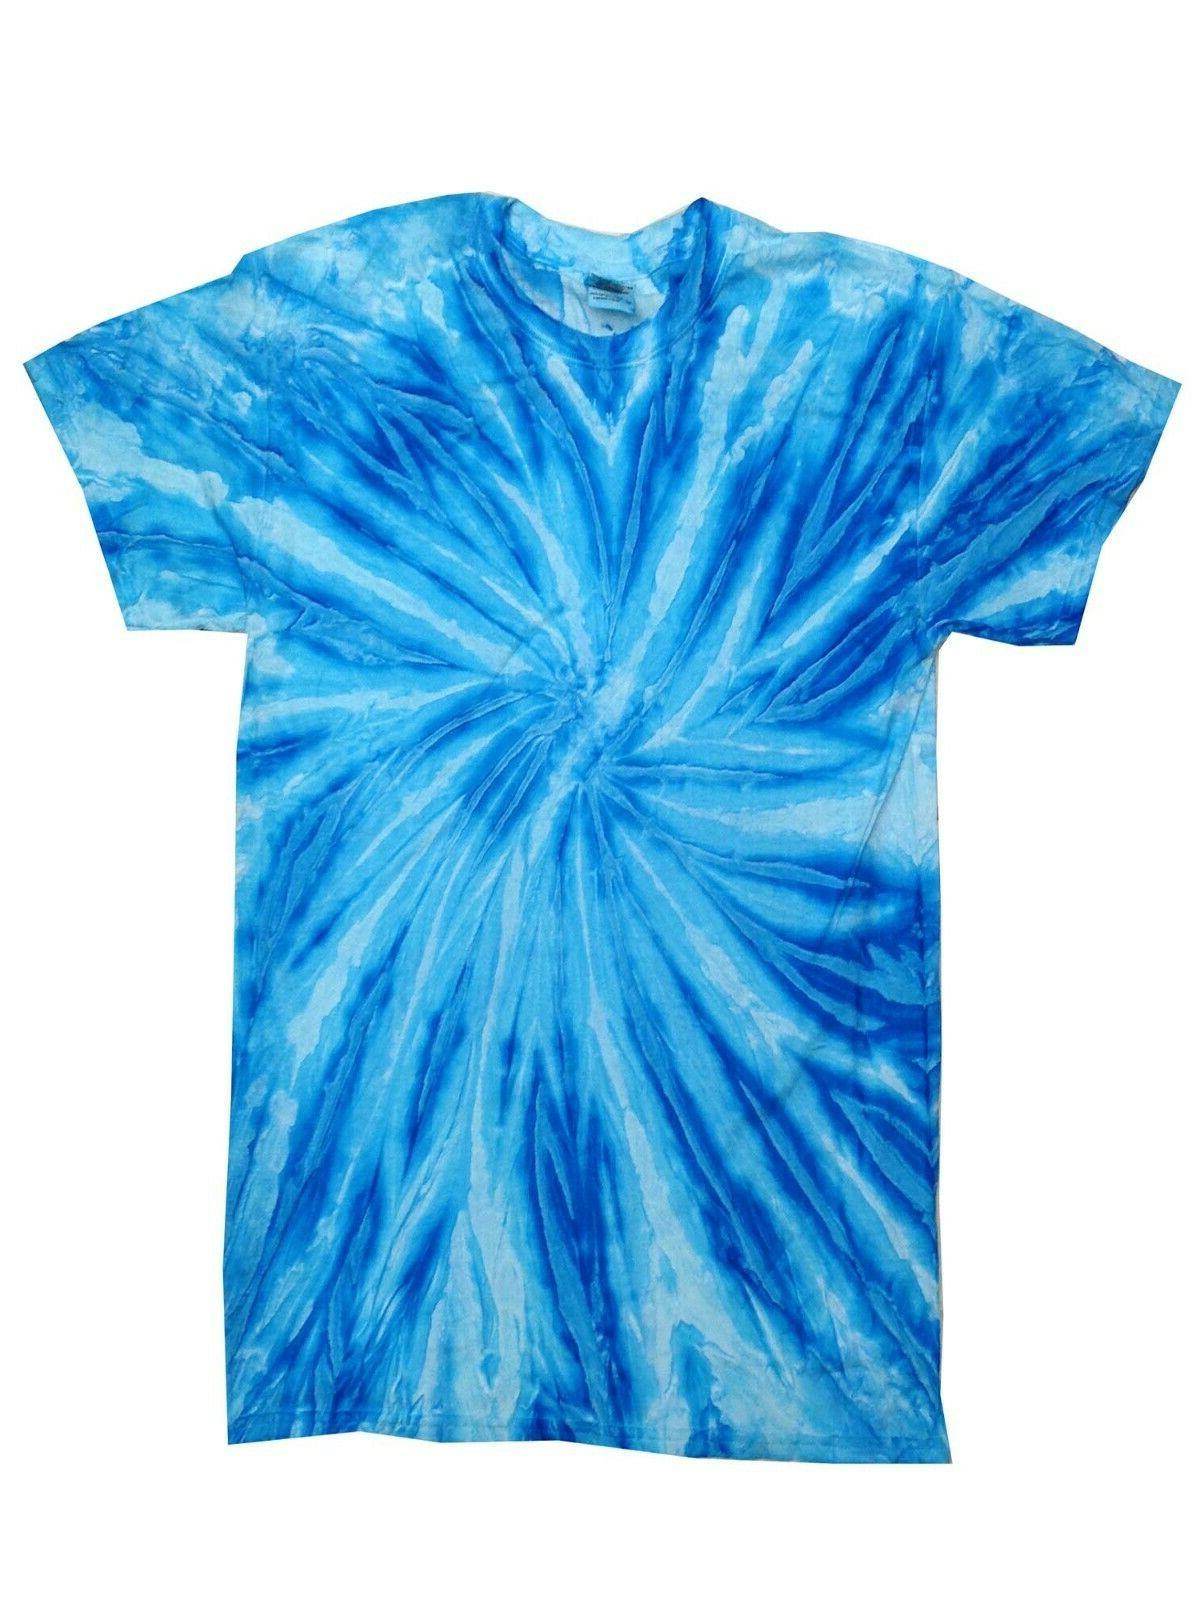 Pick a Blue Tie Dye T-Shirts M 3XL 4XL Colortone